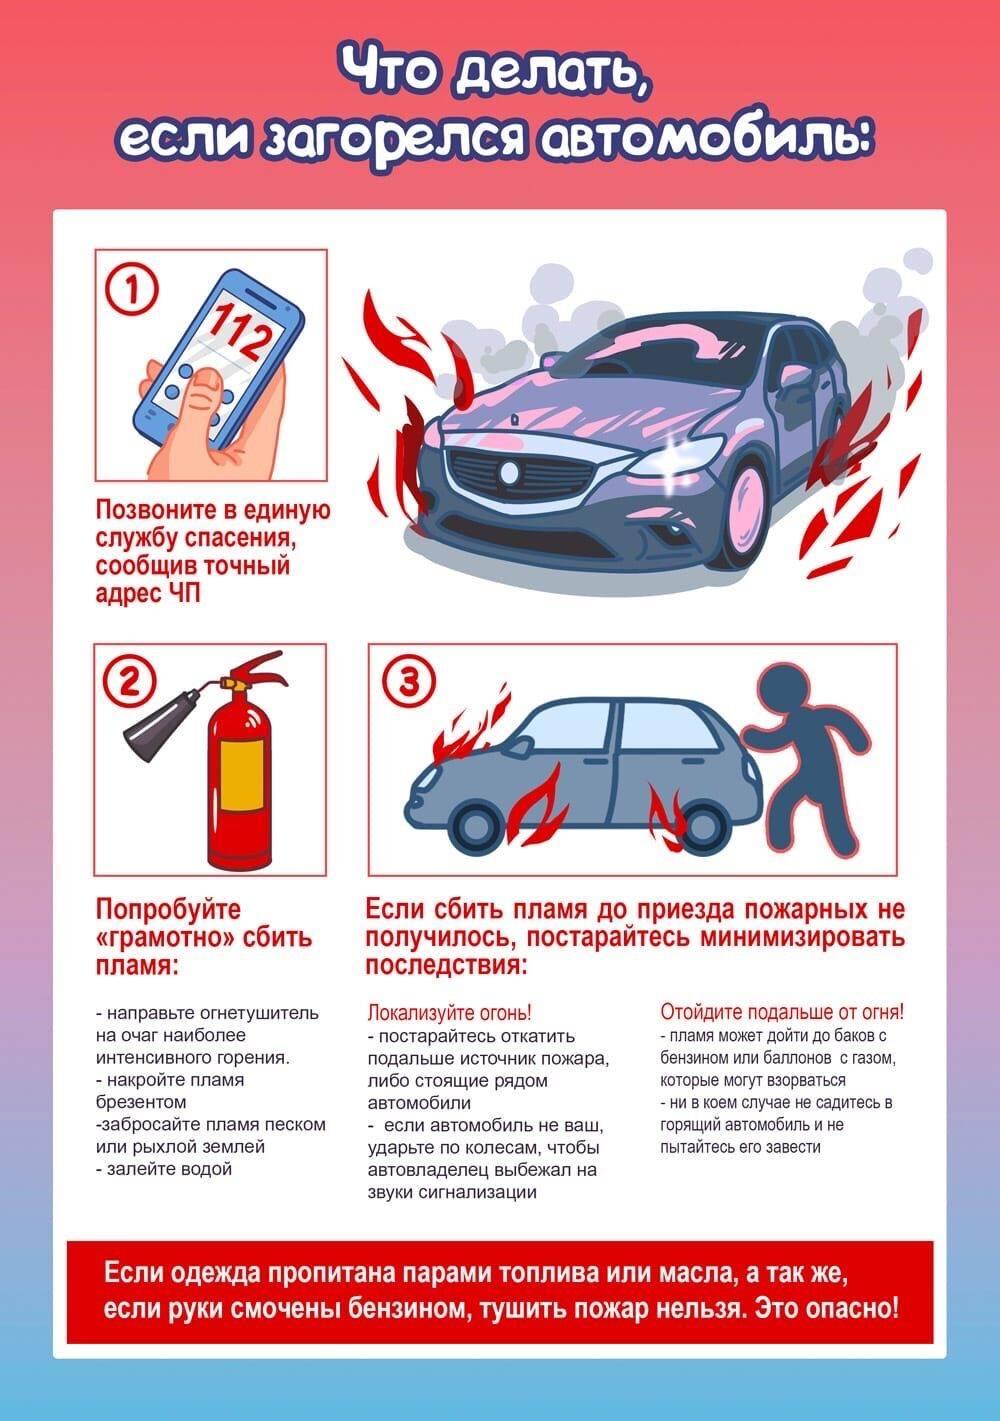 Как спастись при пожаре на разных объектах